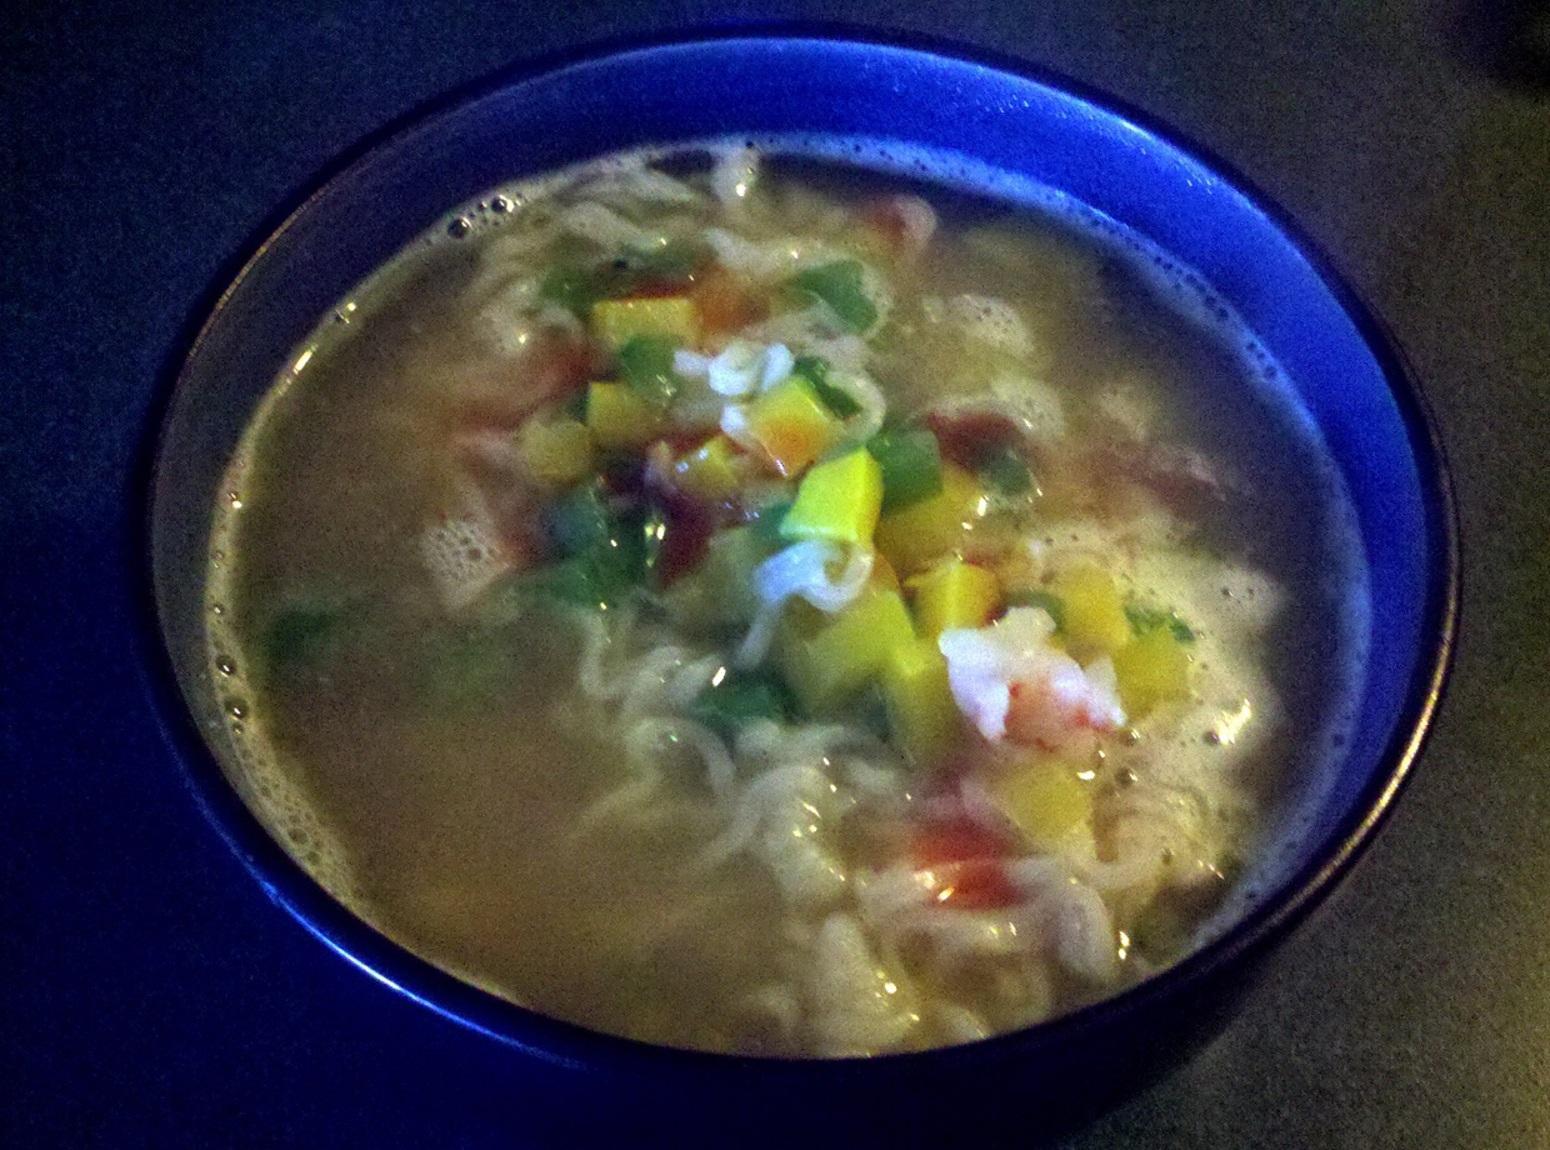 Shrimp & Veggies Ramen Recipe